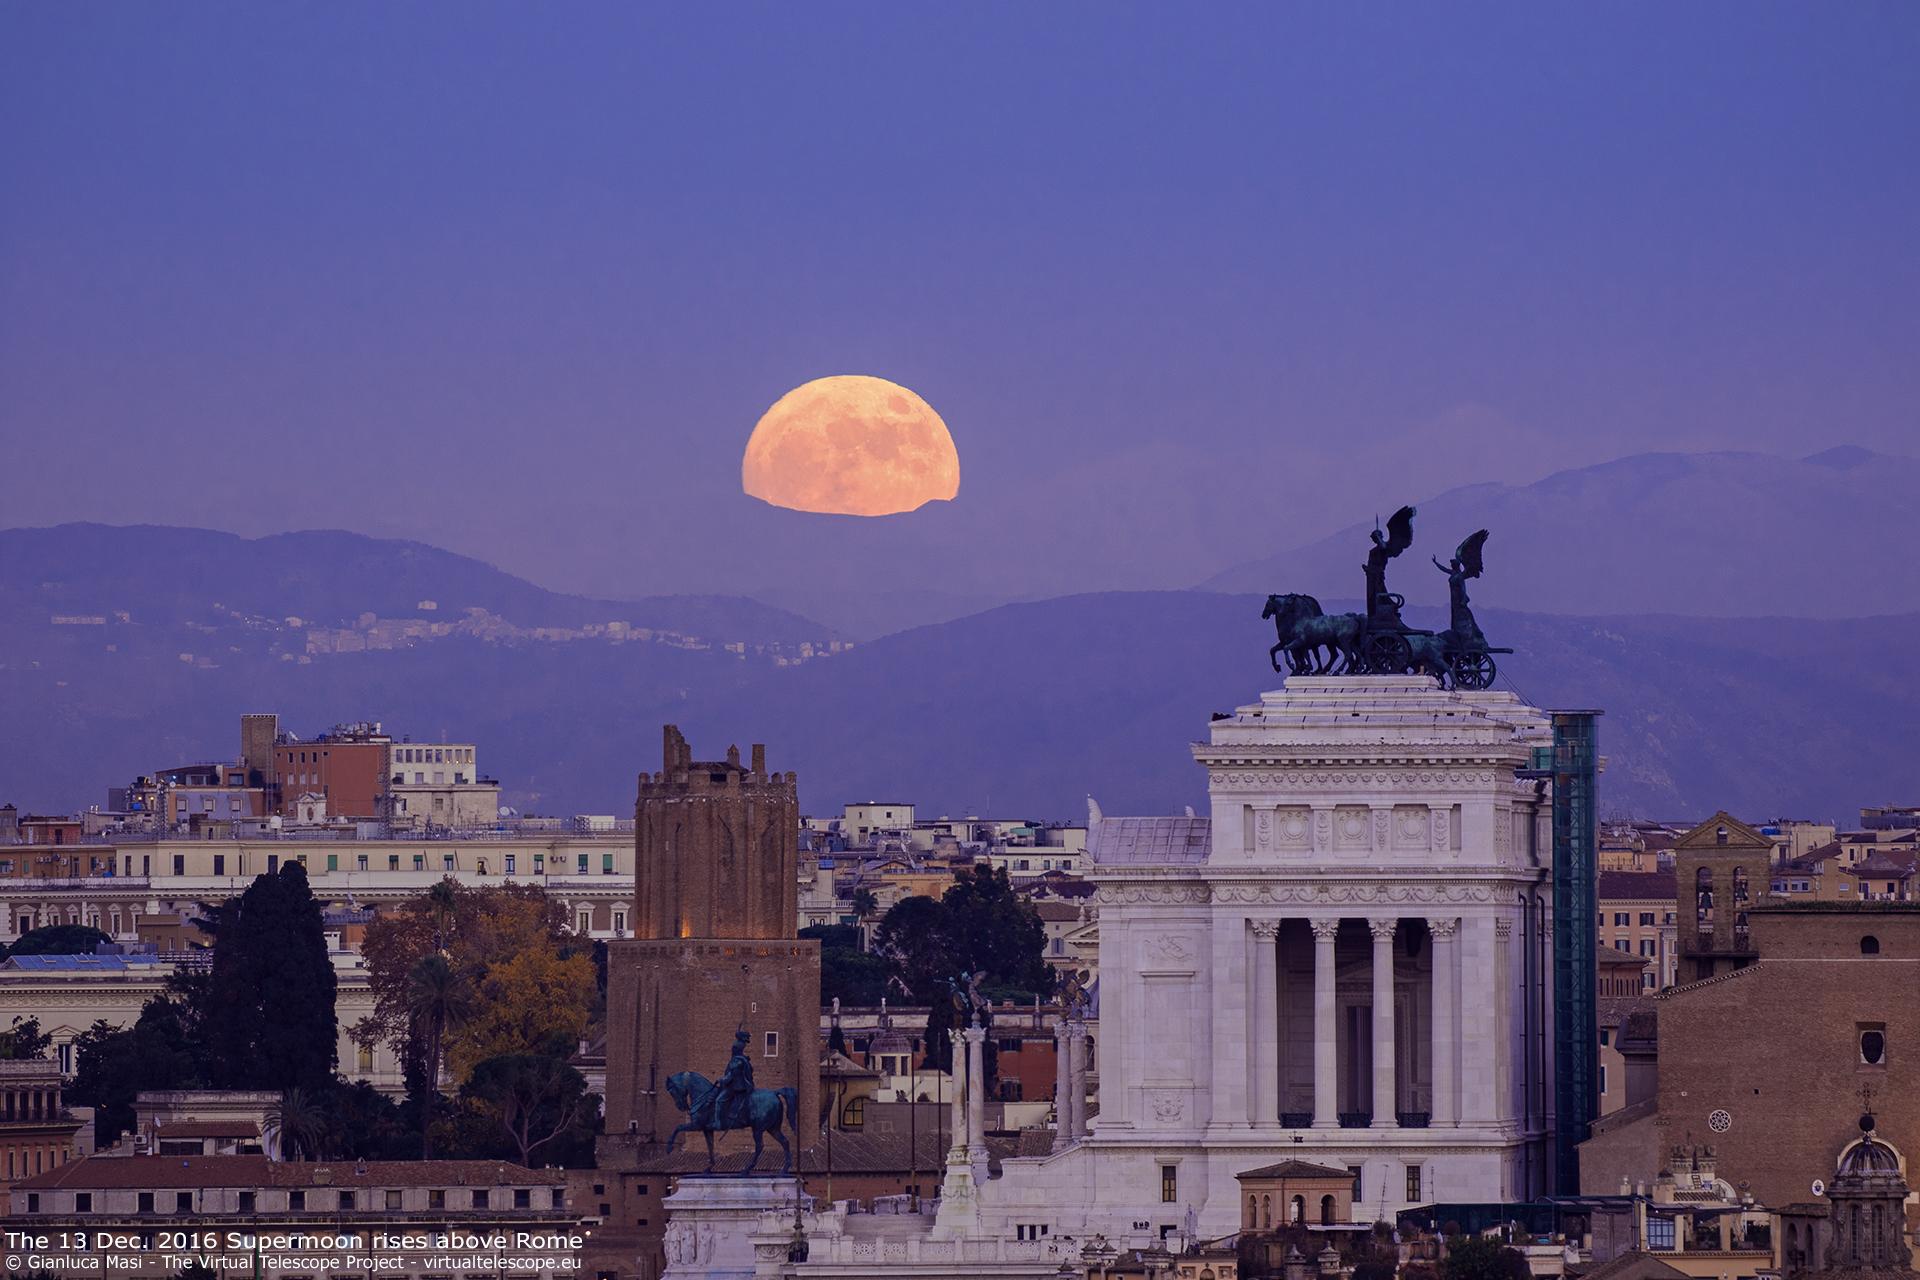 La meraviglia del cielo sulla bellezza di Roma, frammenti di eterno negli orizzonti della Capitale